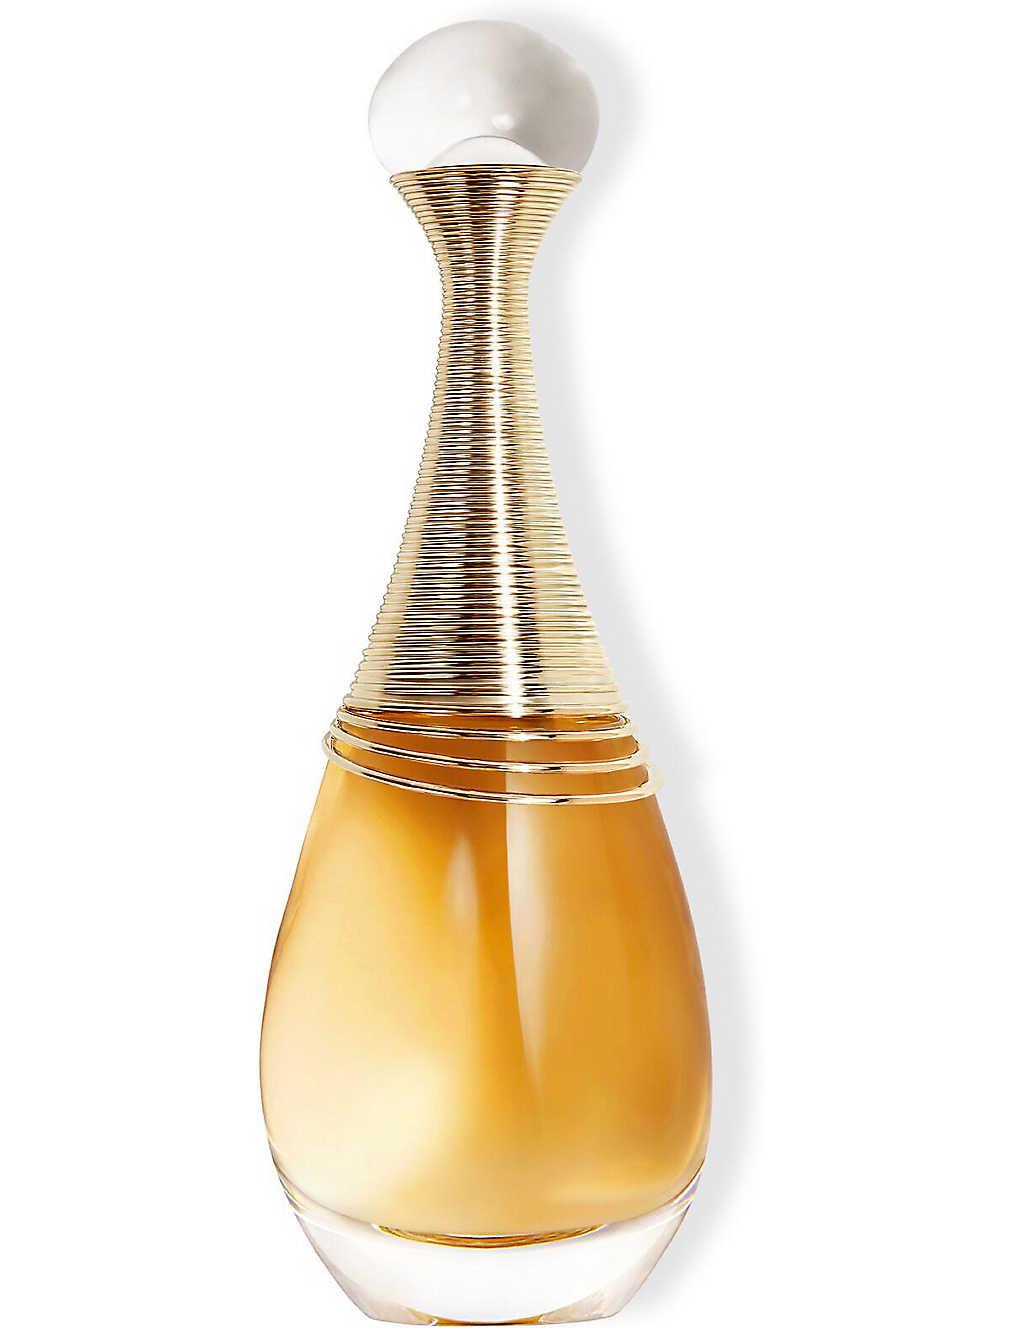 DIOR: J'adore Infinissime eau de parfum